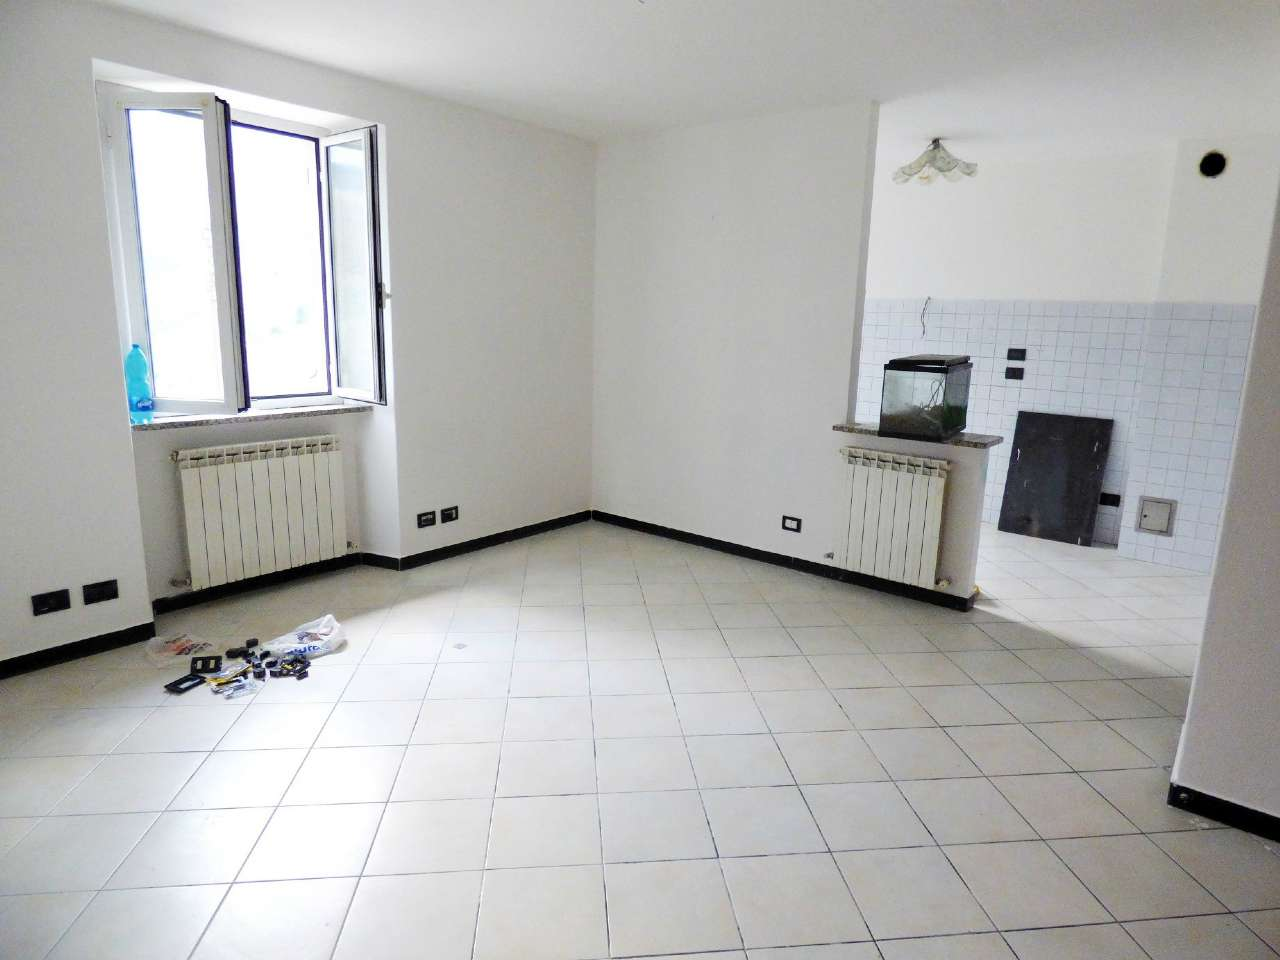 Appartamento in affitto a Moconesi, 5 locali, prezzo € 500 | CambioCasa.it